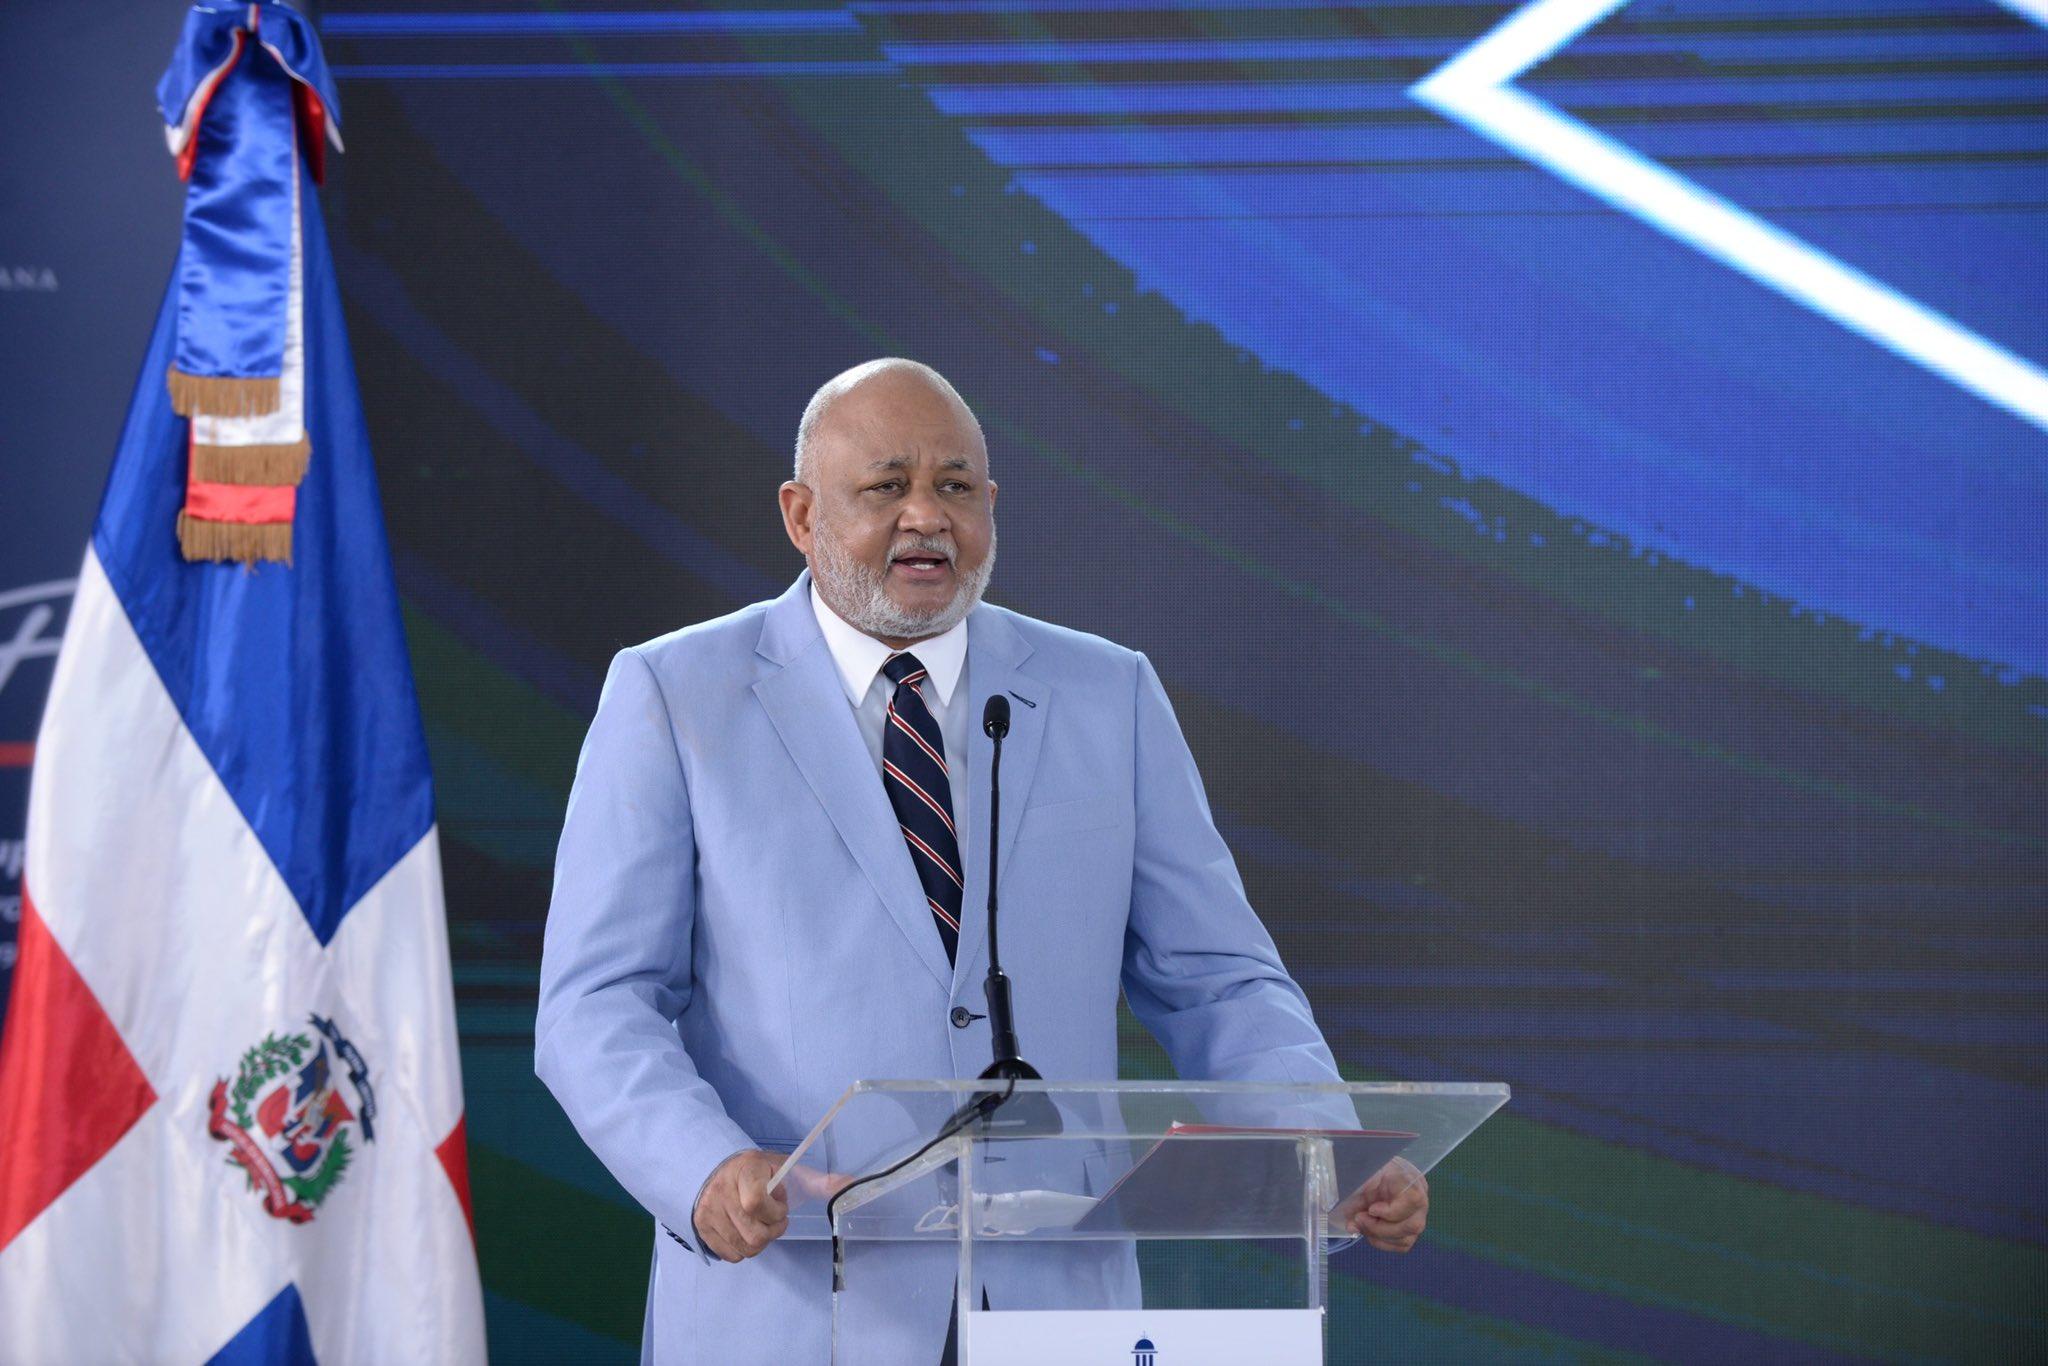 El ministro Roberto Fulcar explicó que Maestros de niveles primario y secundario ganarán igual salario